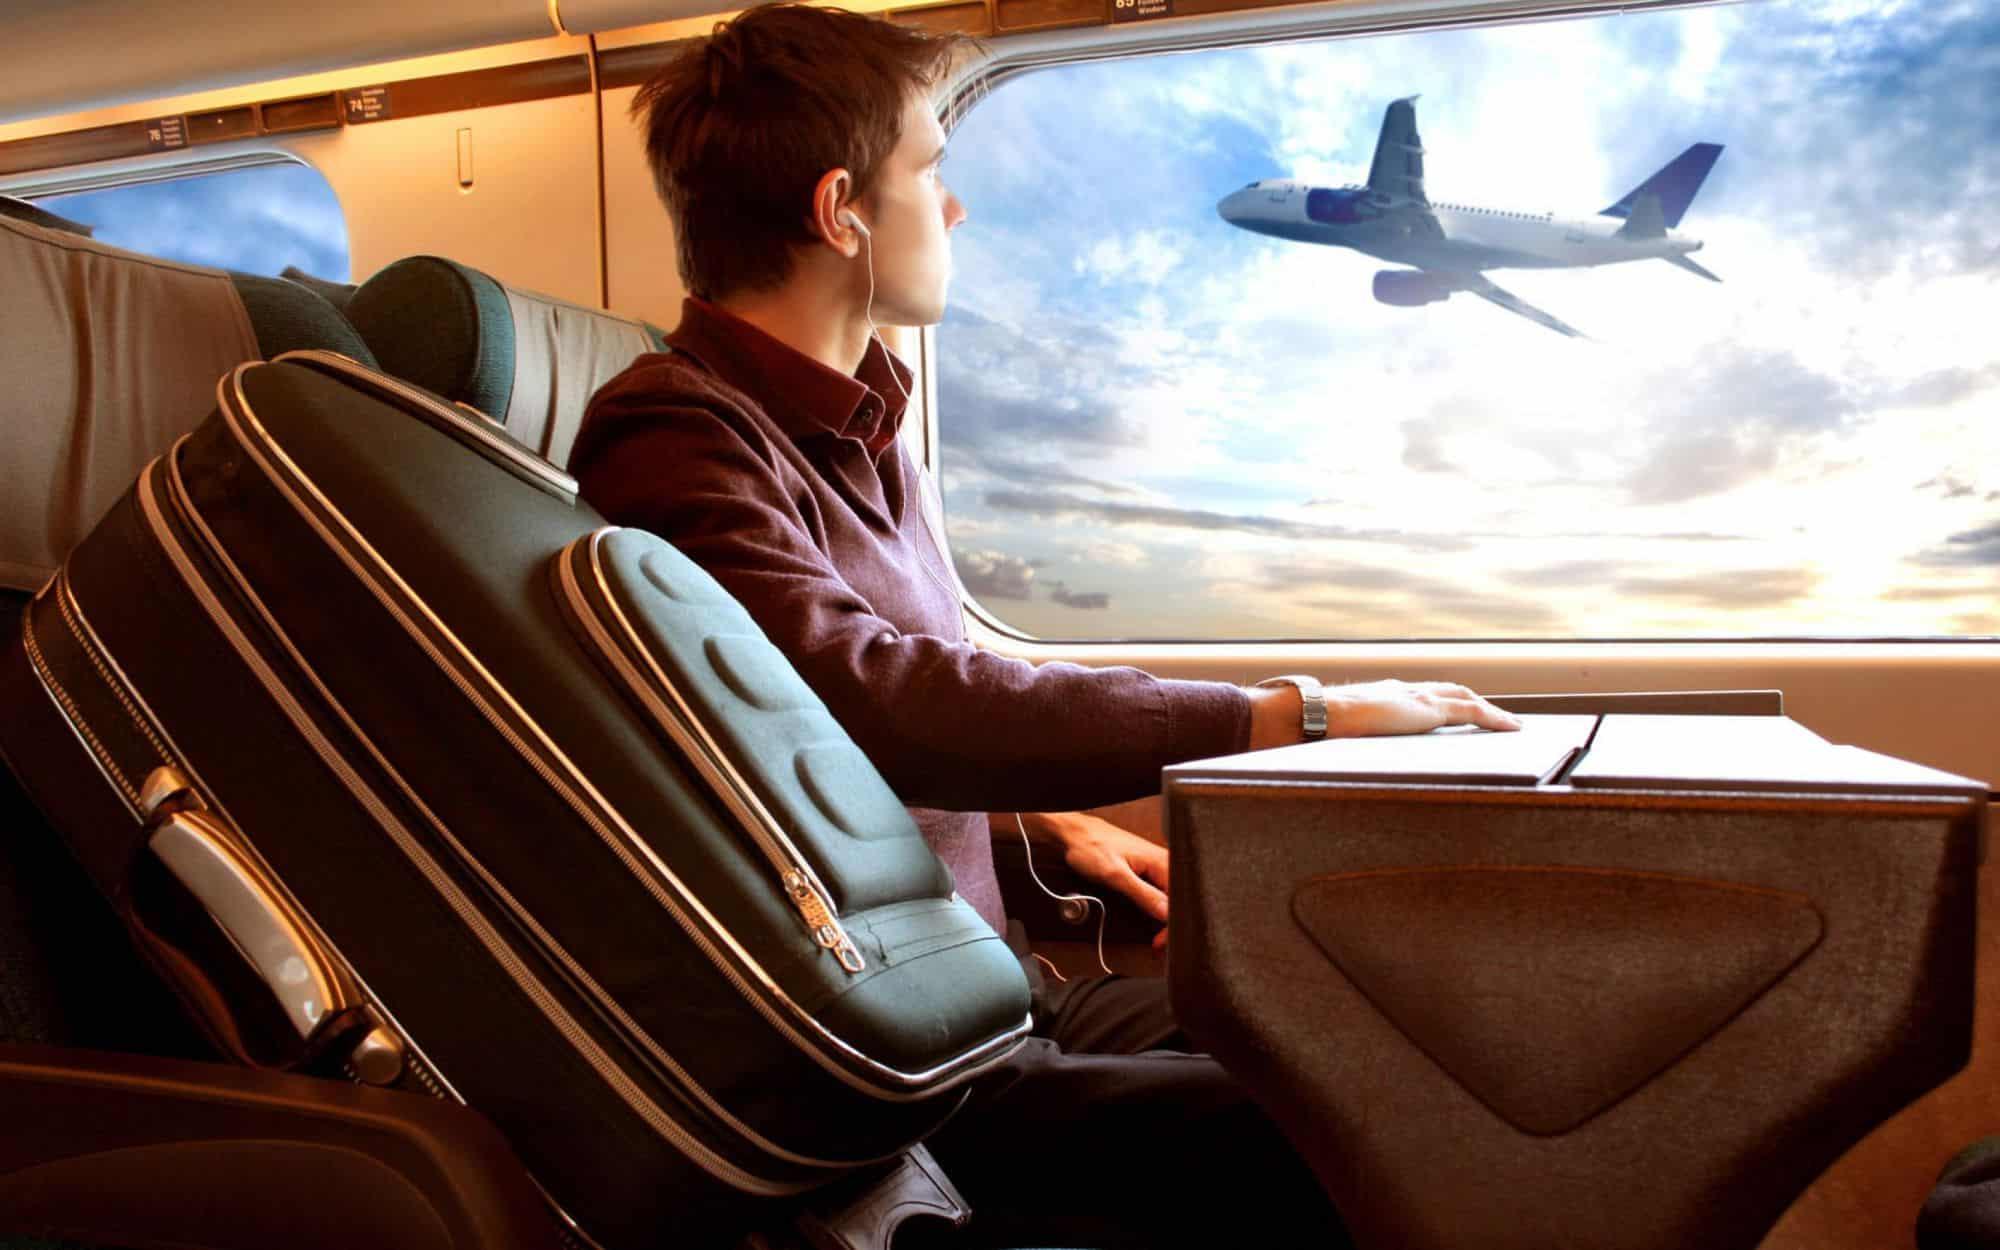 تفسير رؤية الطائرة في المنام .